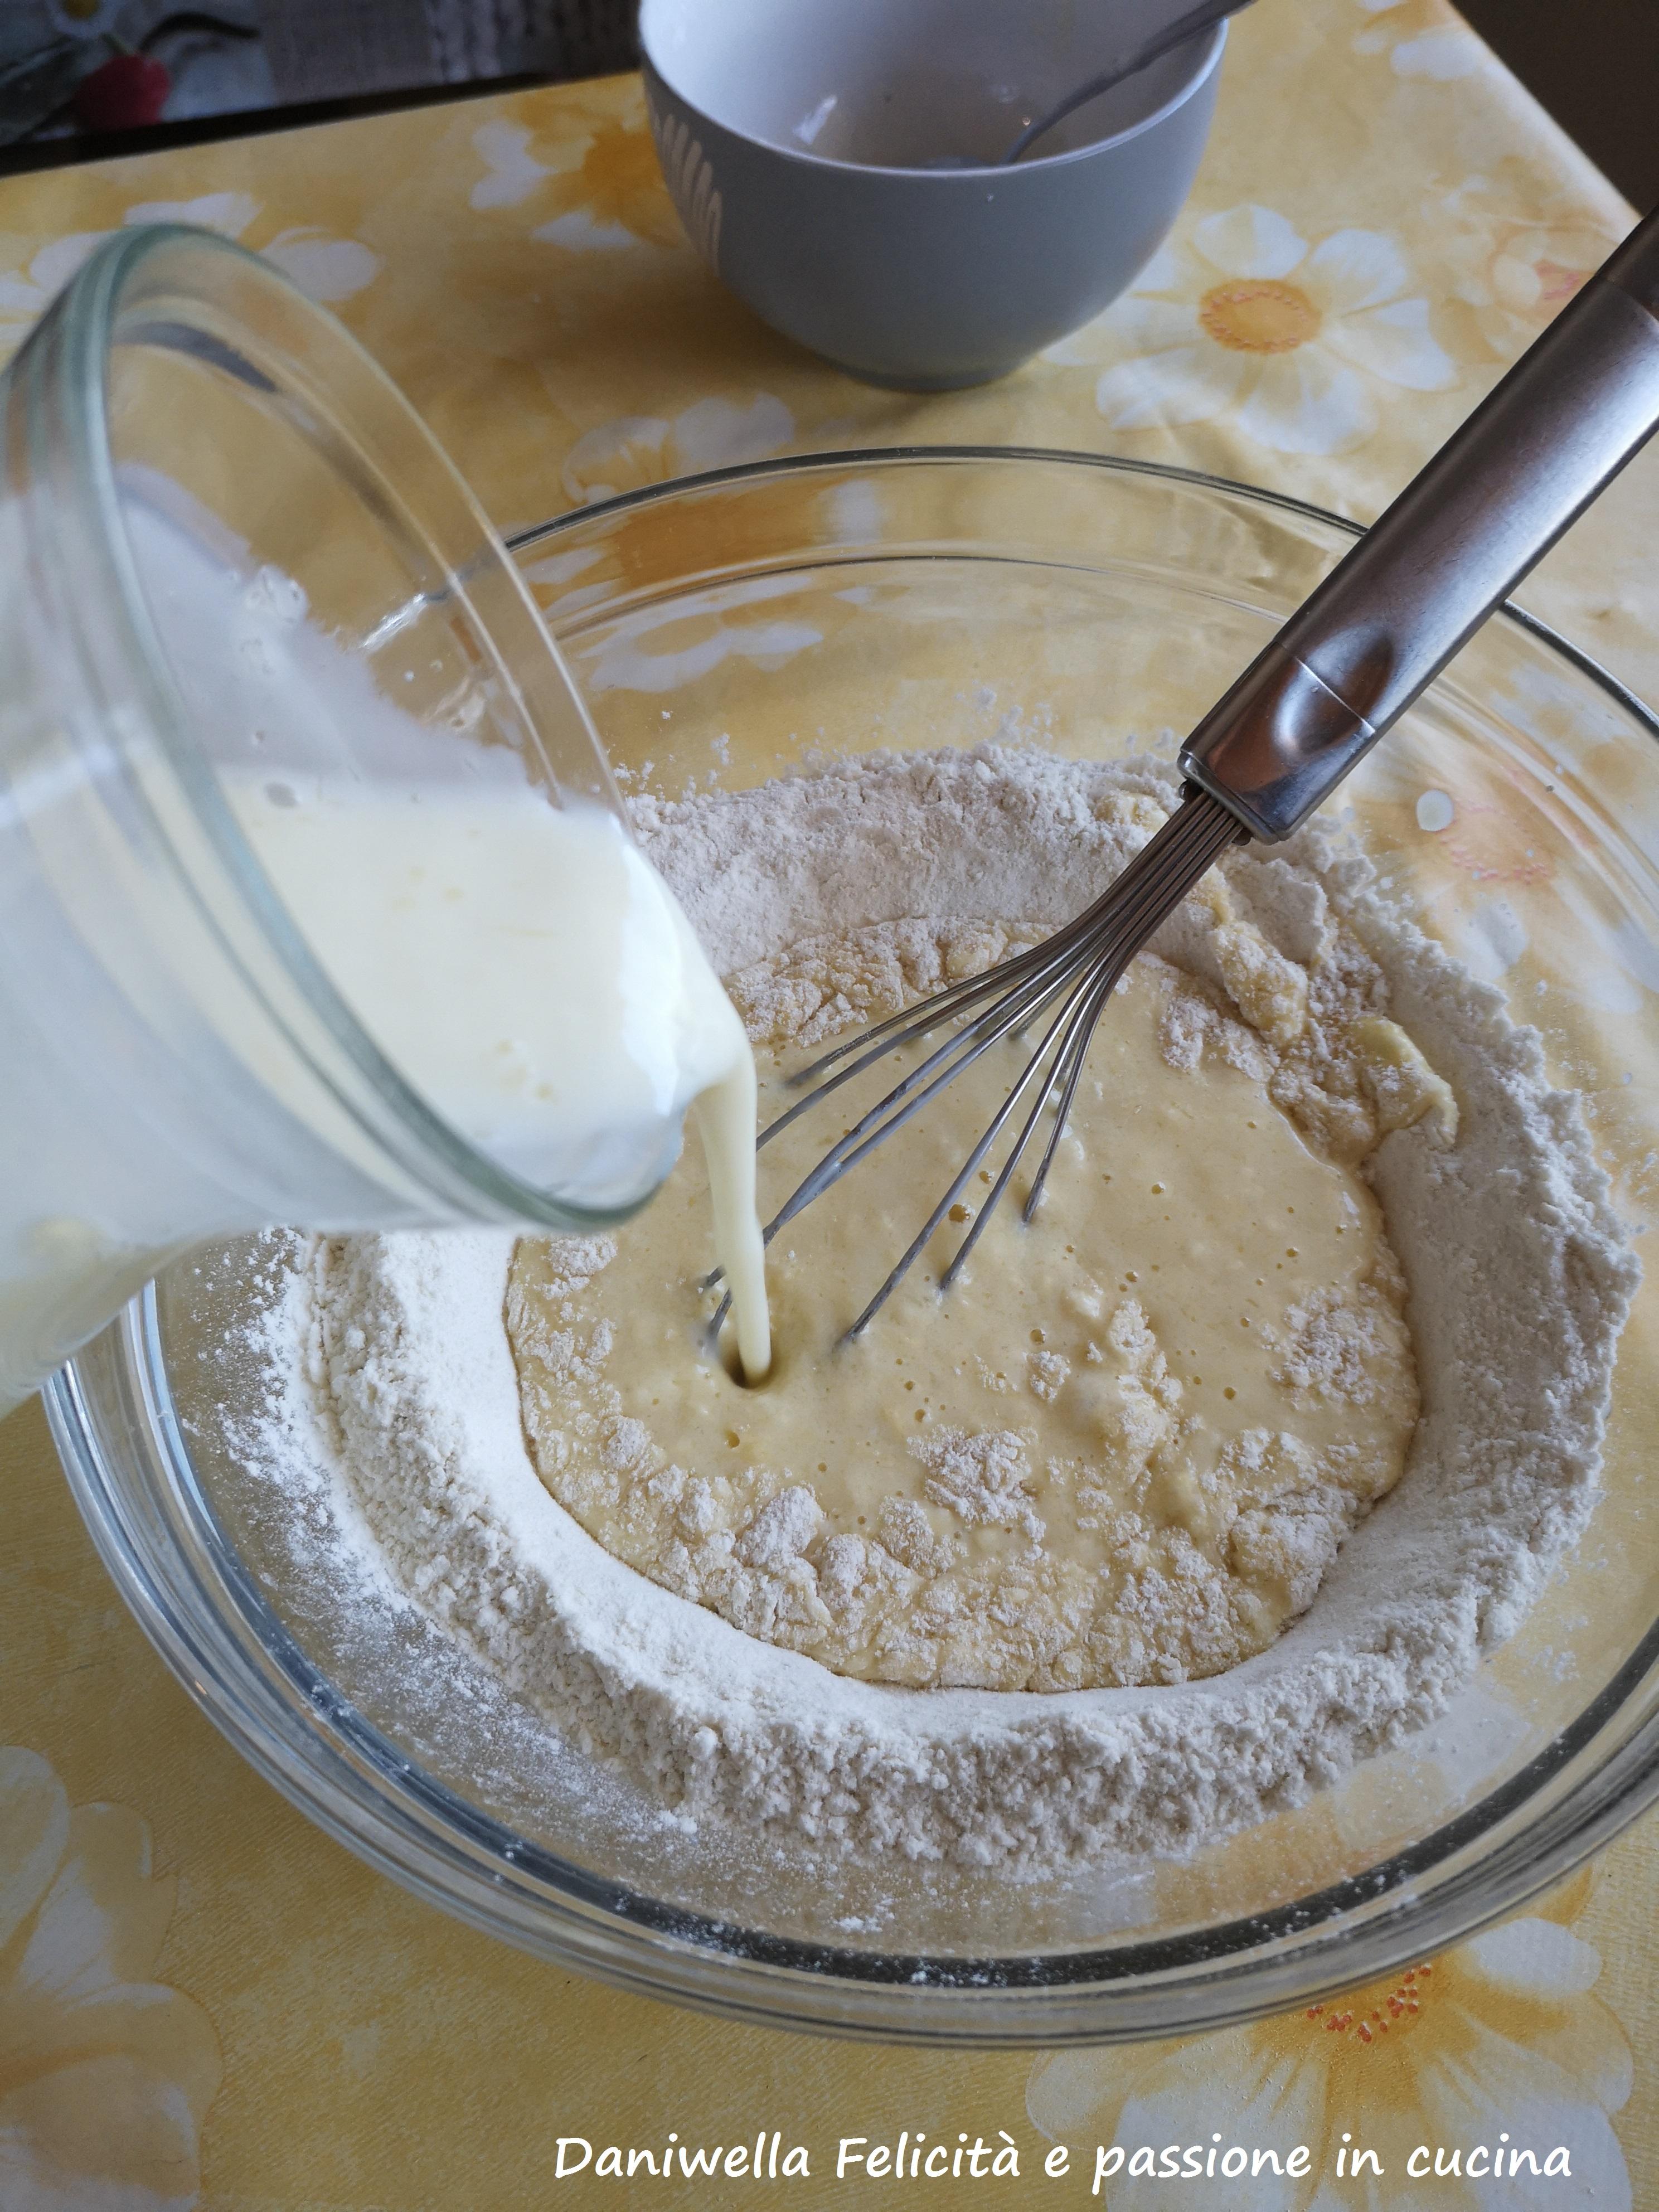 Unite il composto di uova e il latticello e amalgamateli usando una frusta.